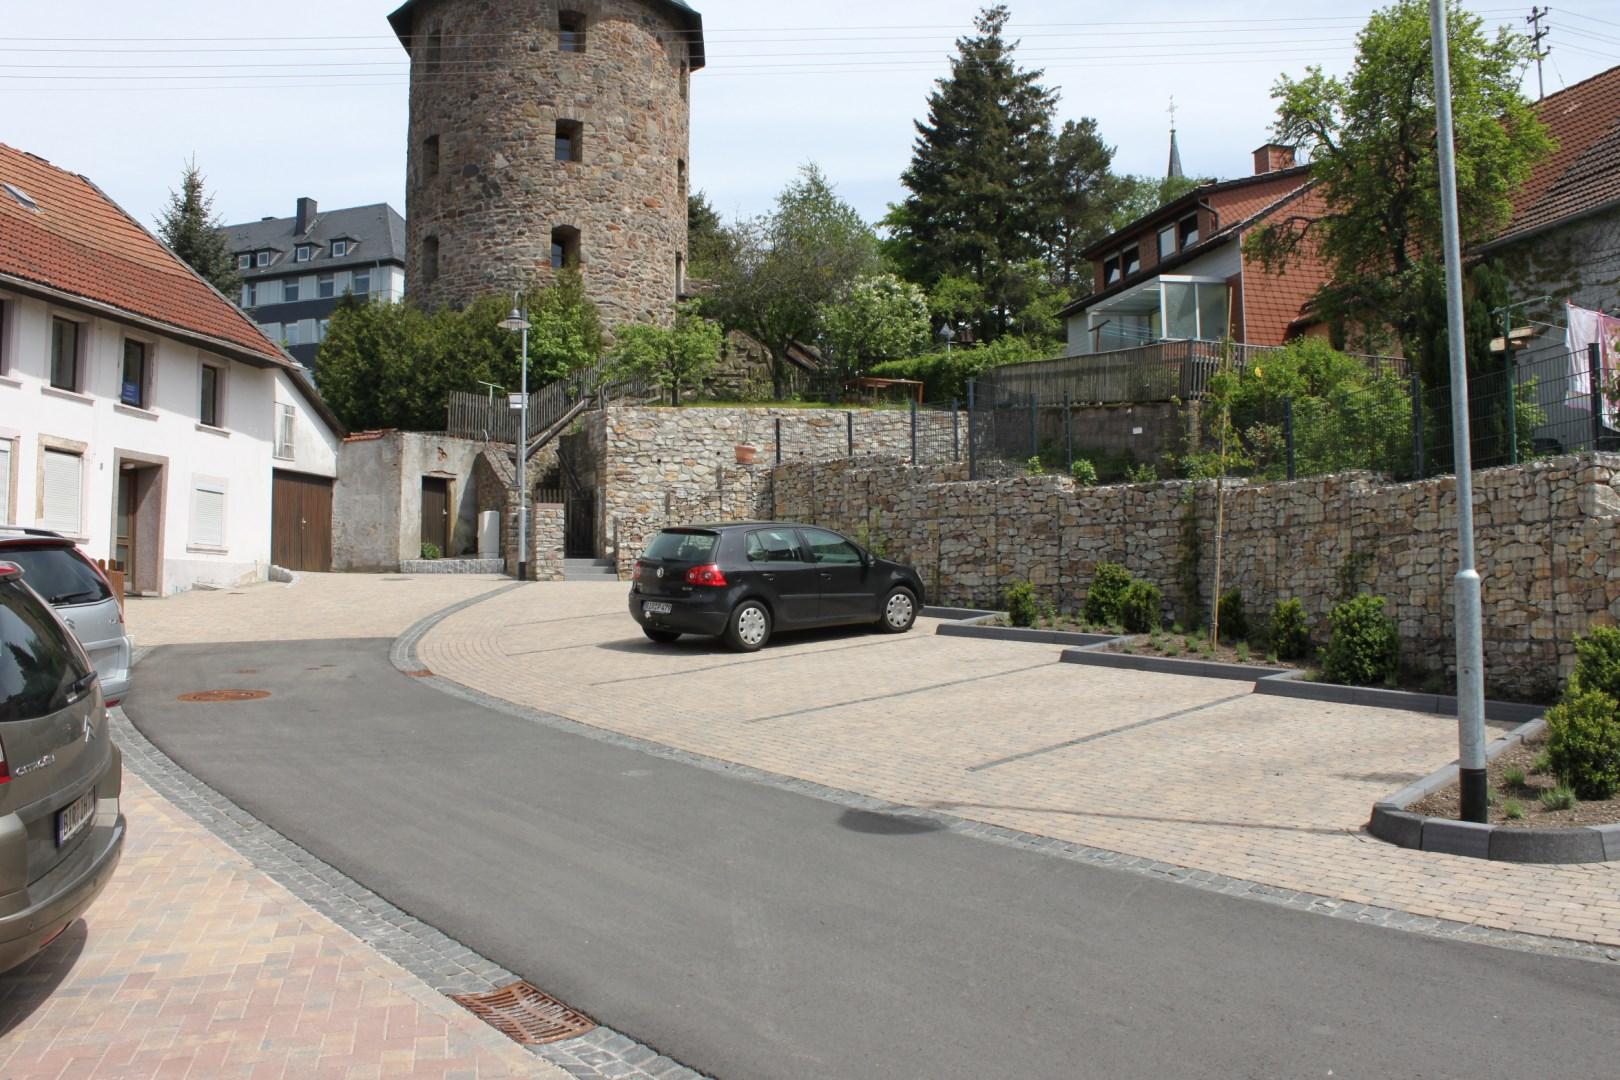 Parkpltze-Im-Burgfrieden-Baumholder.JPG